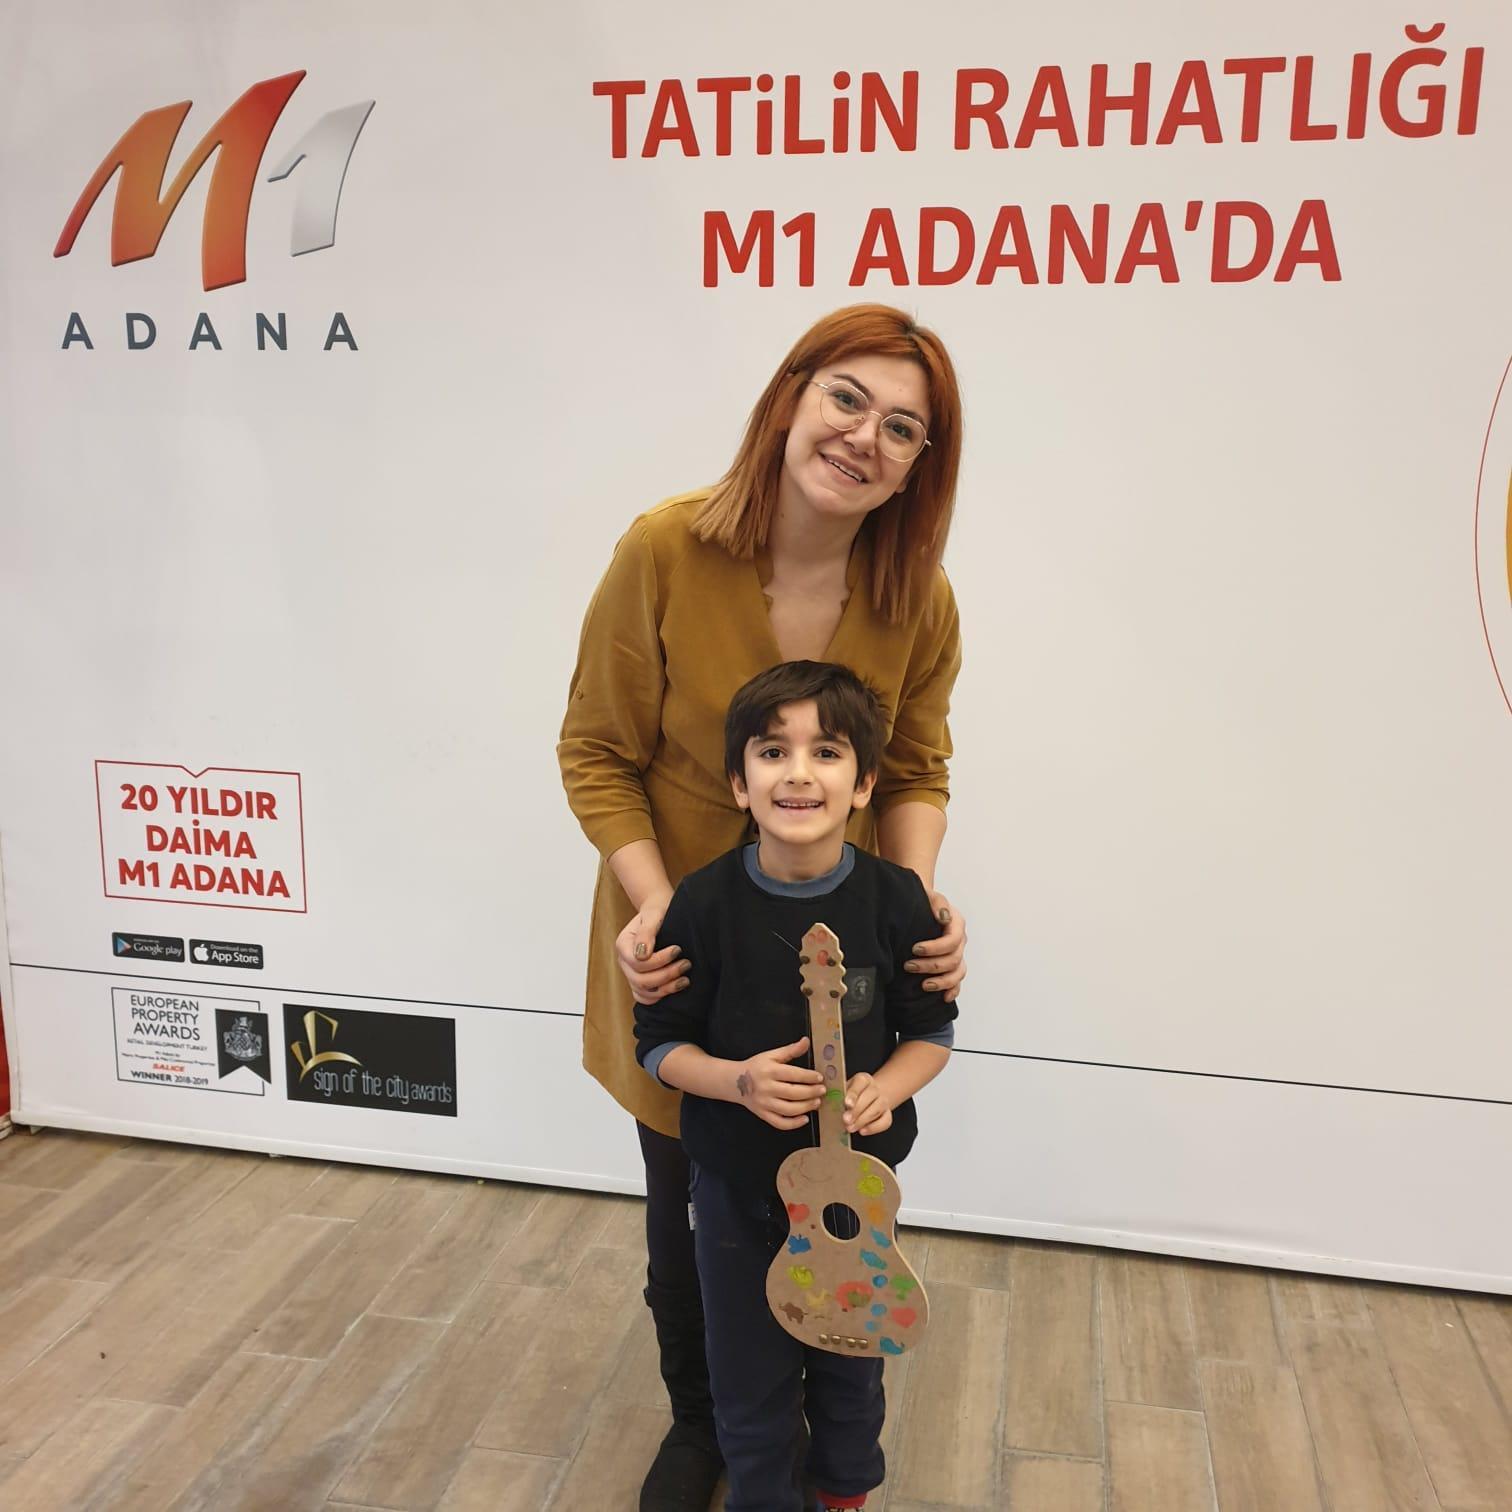 Sömestr tatilinin rahatlığı M1 Adana'da